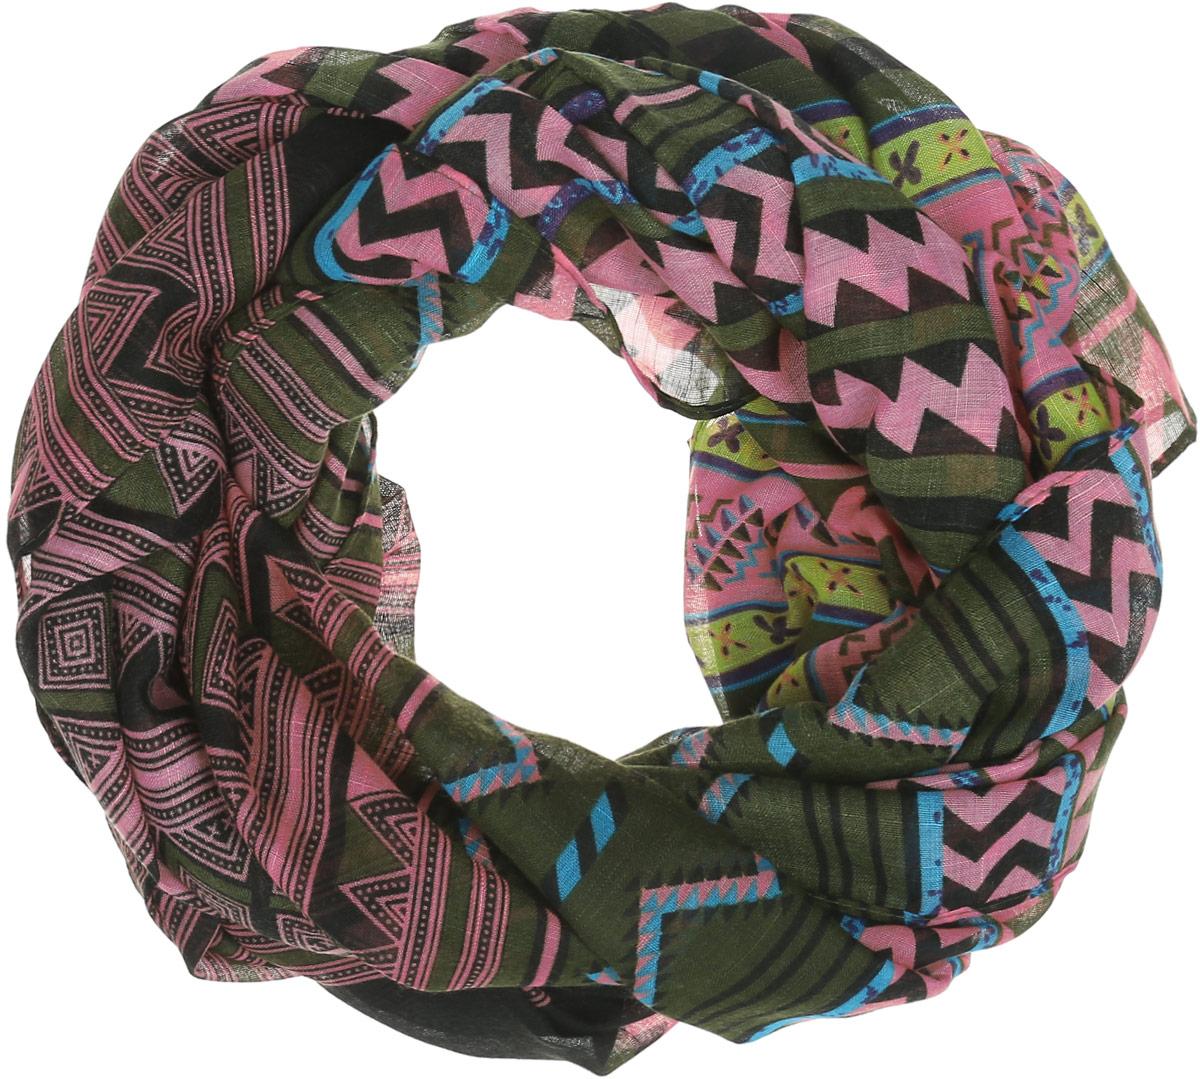 Палантин женский Labbra, цвет: черный, зеленый, розовый, желтый. LDB31-611. Размер 70 см х 180 смLDB31-611Элегантный палантин Labbra станет достойным завершением вашего образа.Палантин изготовлен из вискозы. Модель оформлена оригинальным принтом в полоску, каждая полоска дополнена оригинальным орнаментом. Палантин красиво драпируется, он превосходно дополнит любой наряд и подчеркнет ваш изысканный вкус.Легкий и изящный палантин привнесет в ваш образ утонченность и шарм.